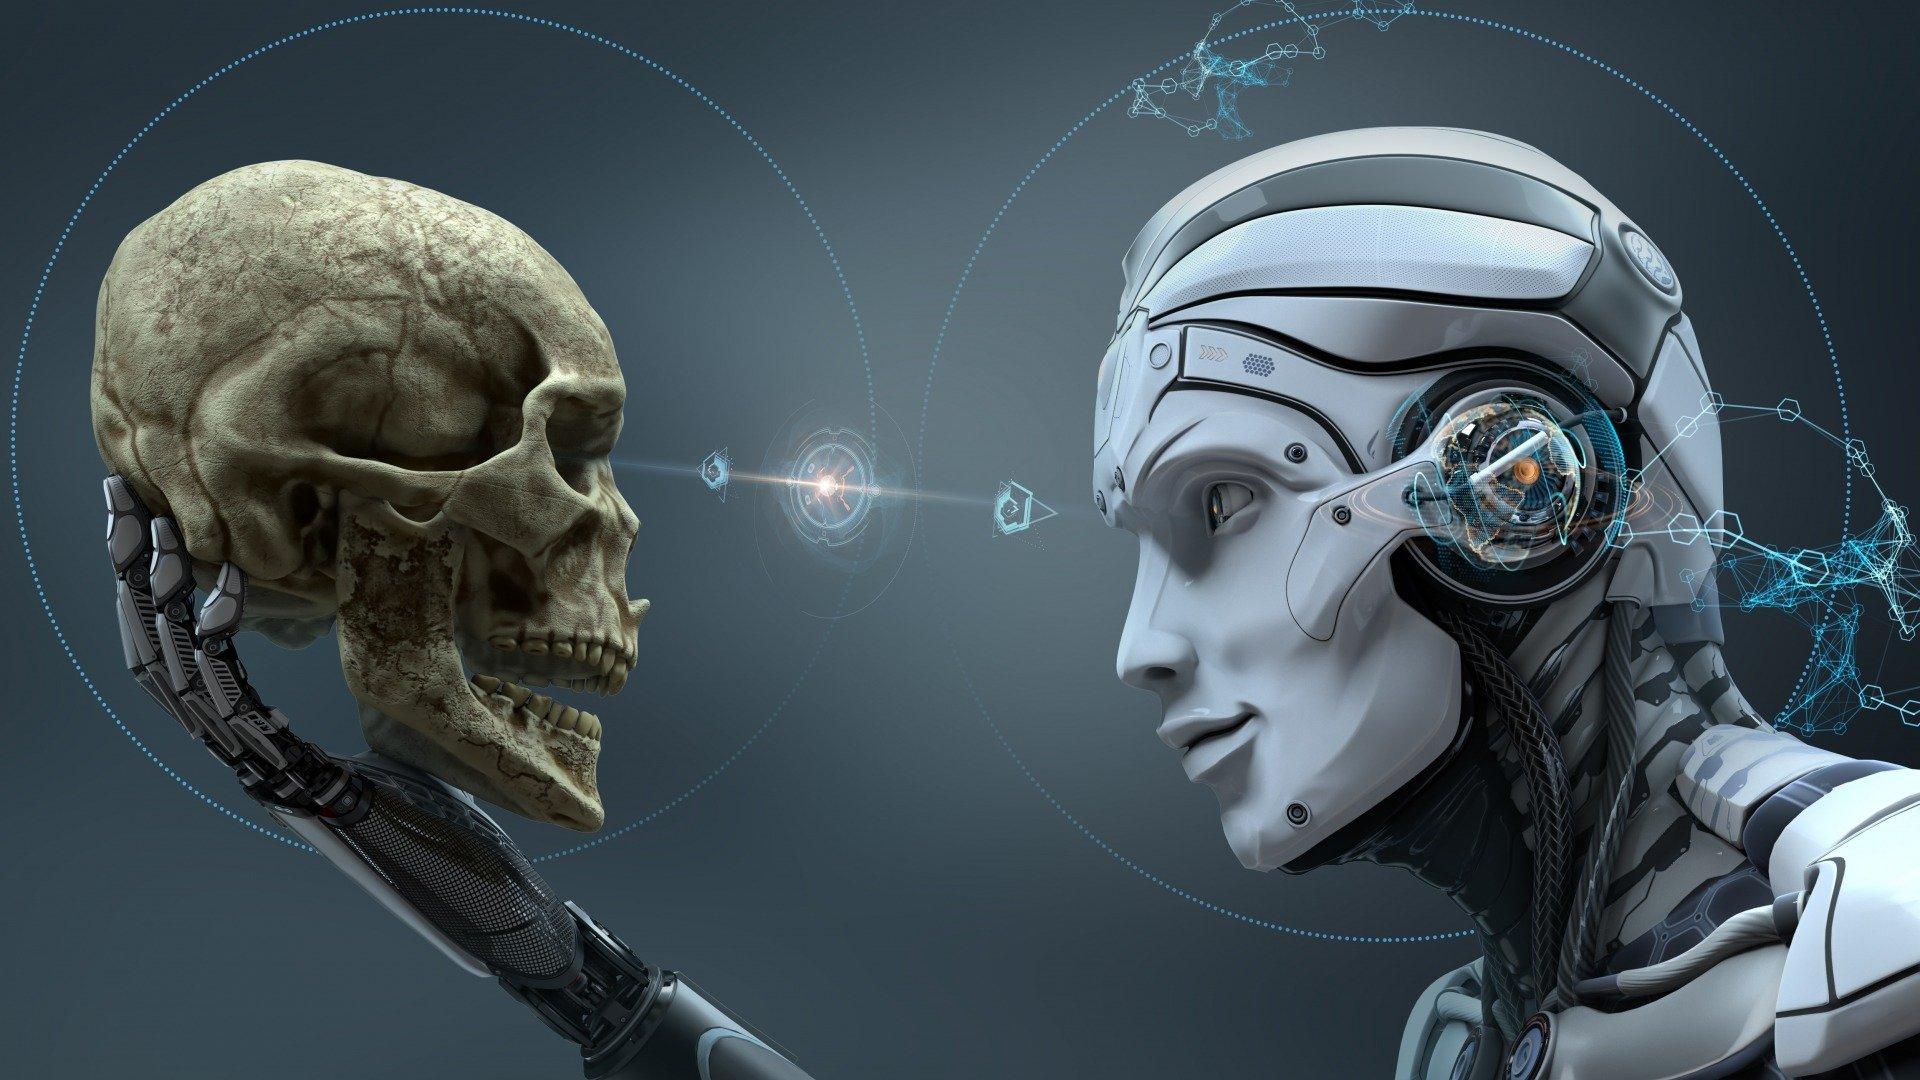 Искусственный интеллект обучили имитировать человеческий голос